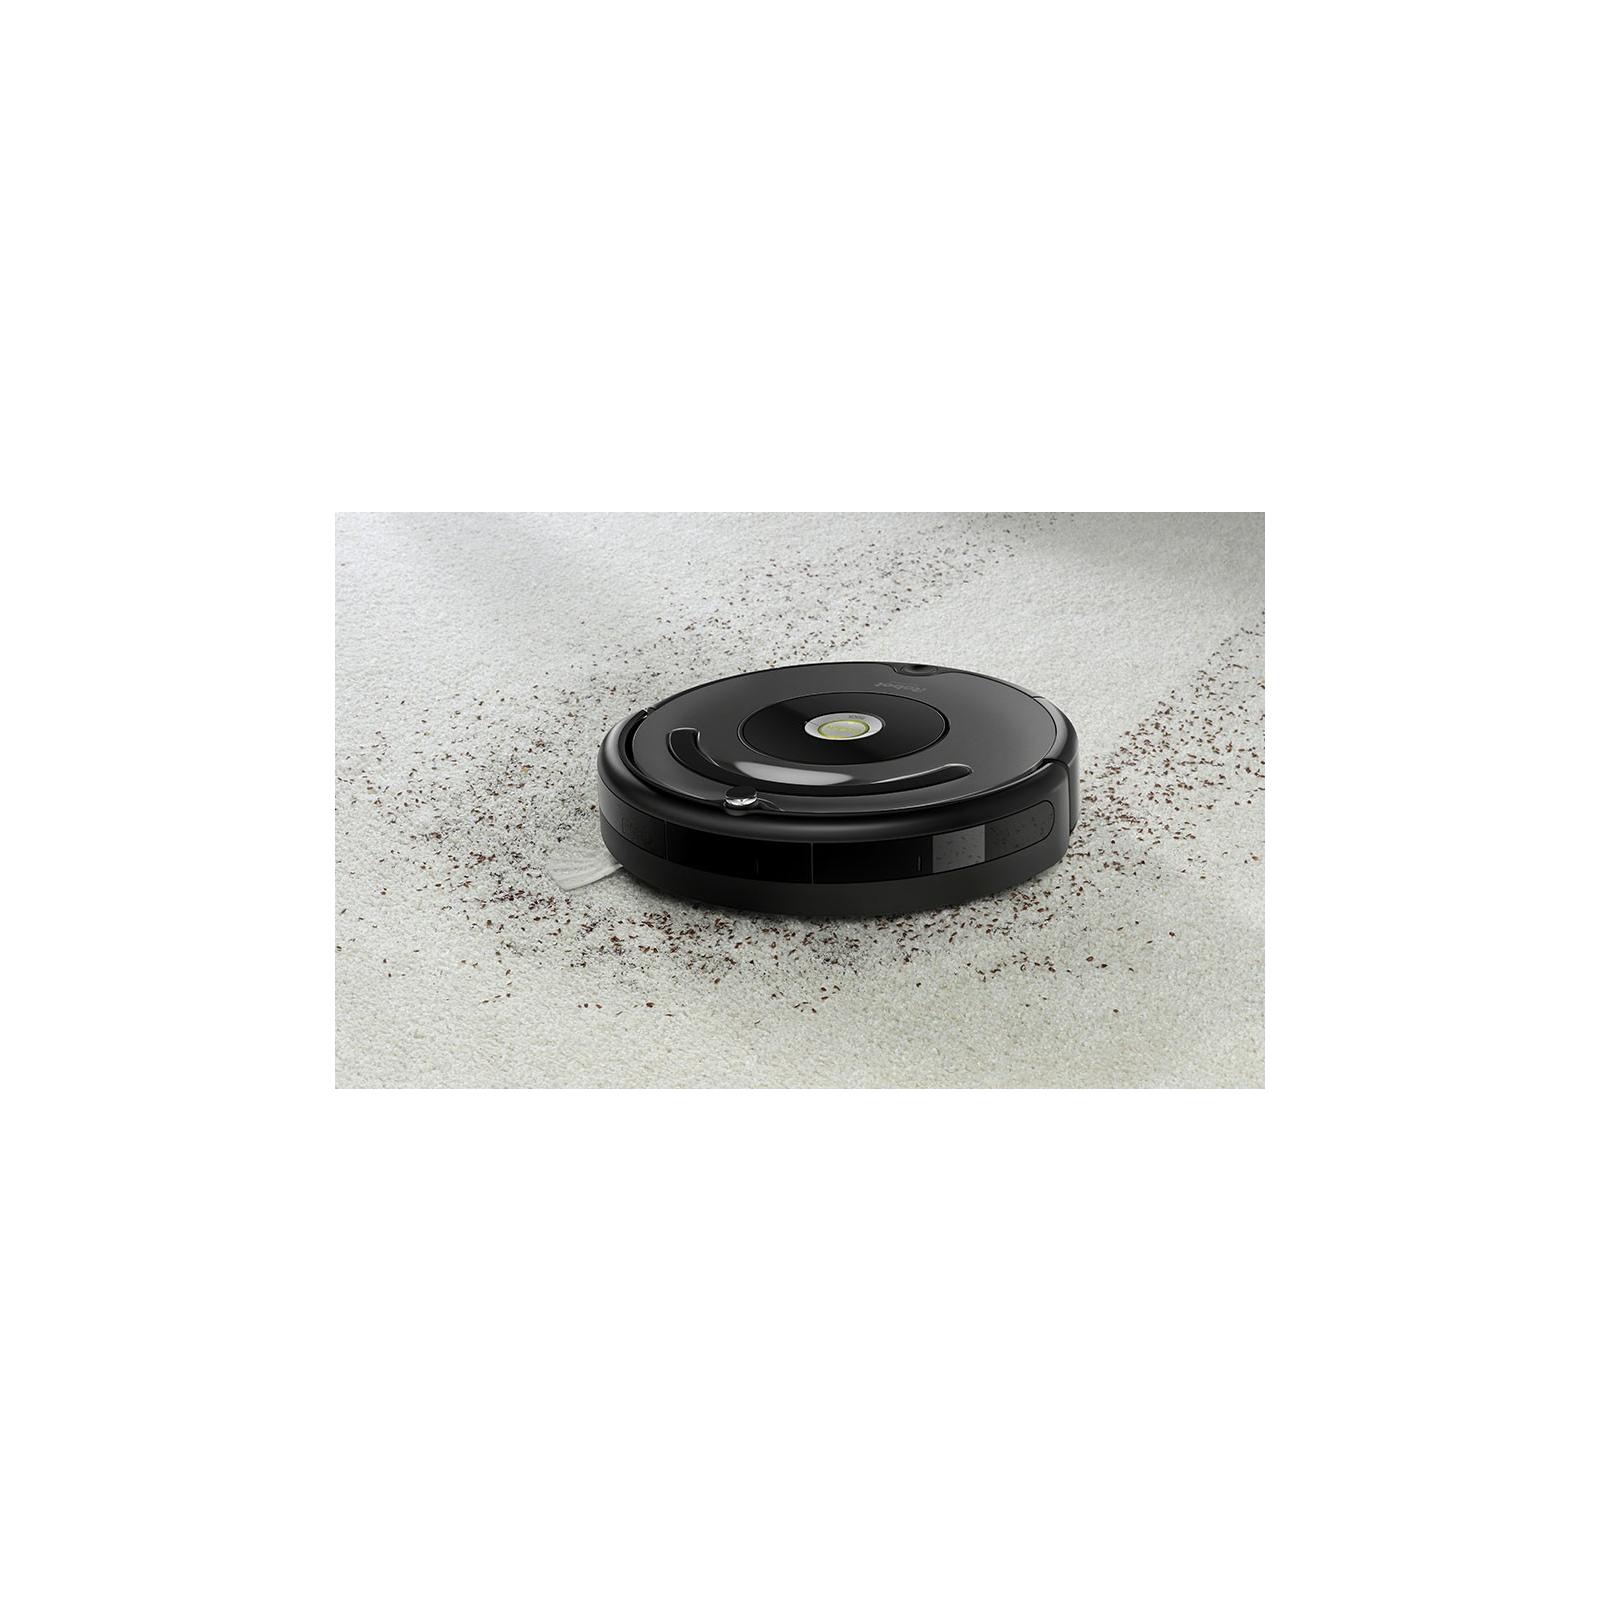 Пылесос iRobot Roomba 676 (R676040) изображение 7